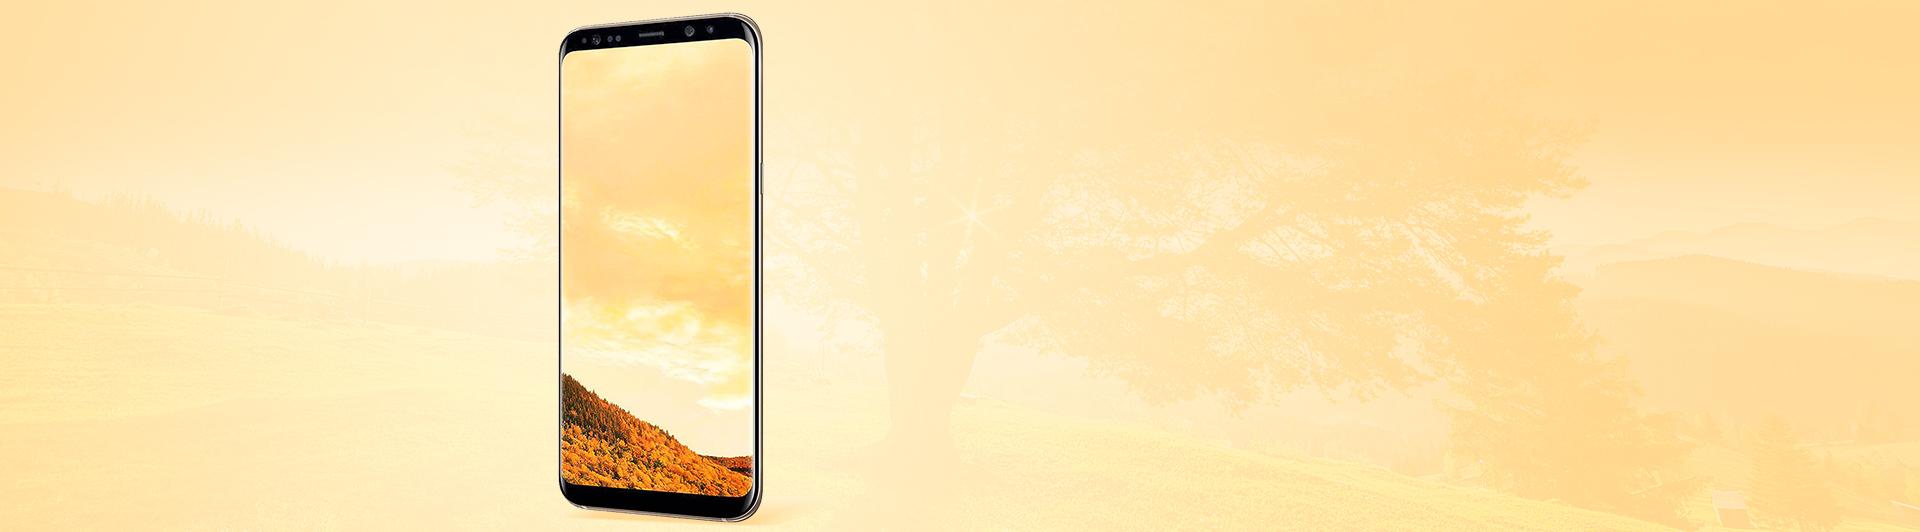 Điện thoại Samsung Galaxy S8 Plus vàng thiết kế đẹp mắt